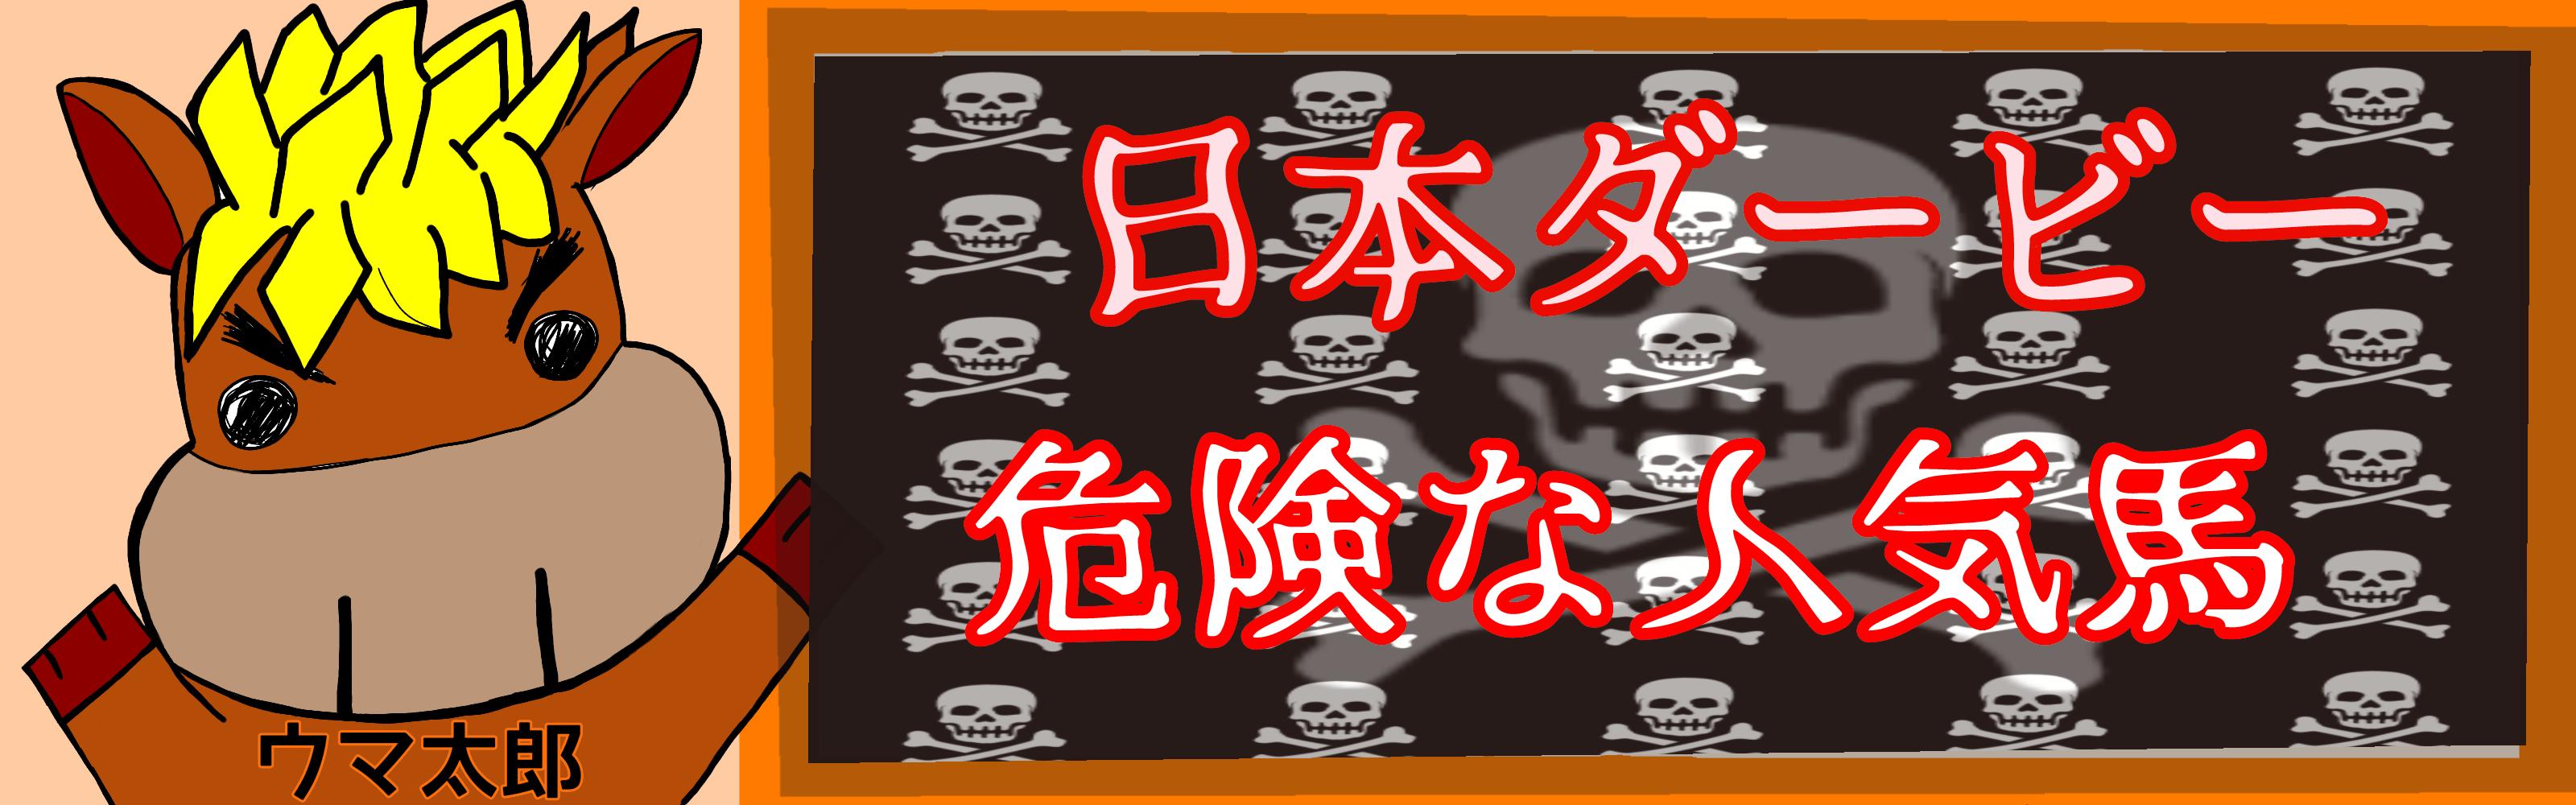 【日本ダービー】危険な人気馬